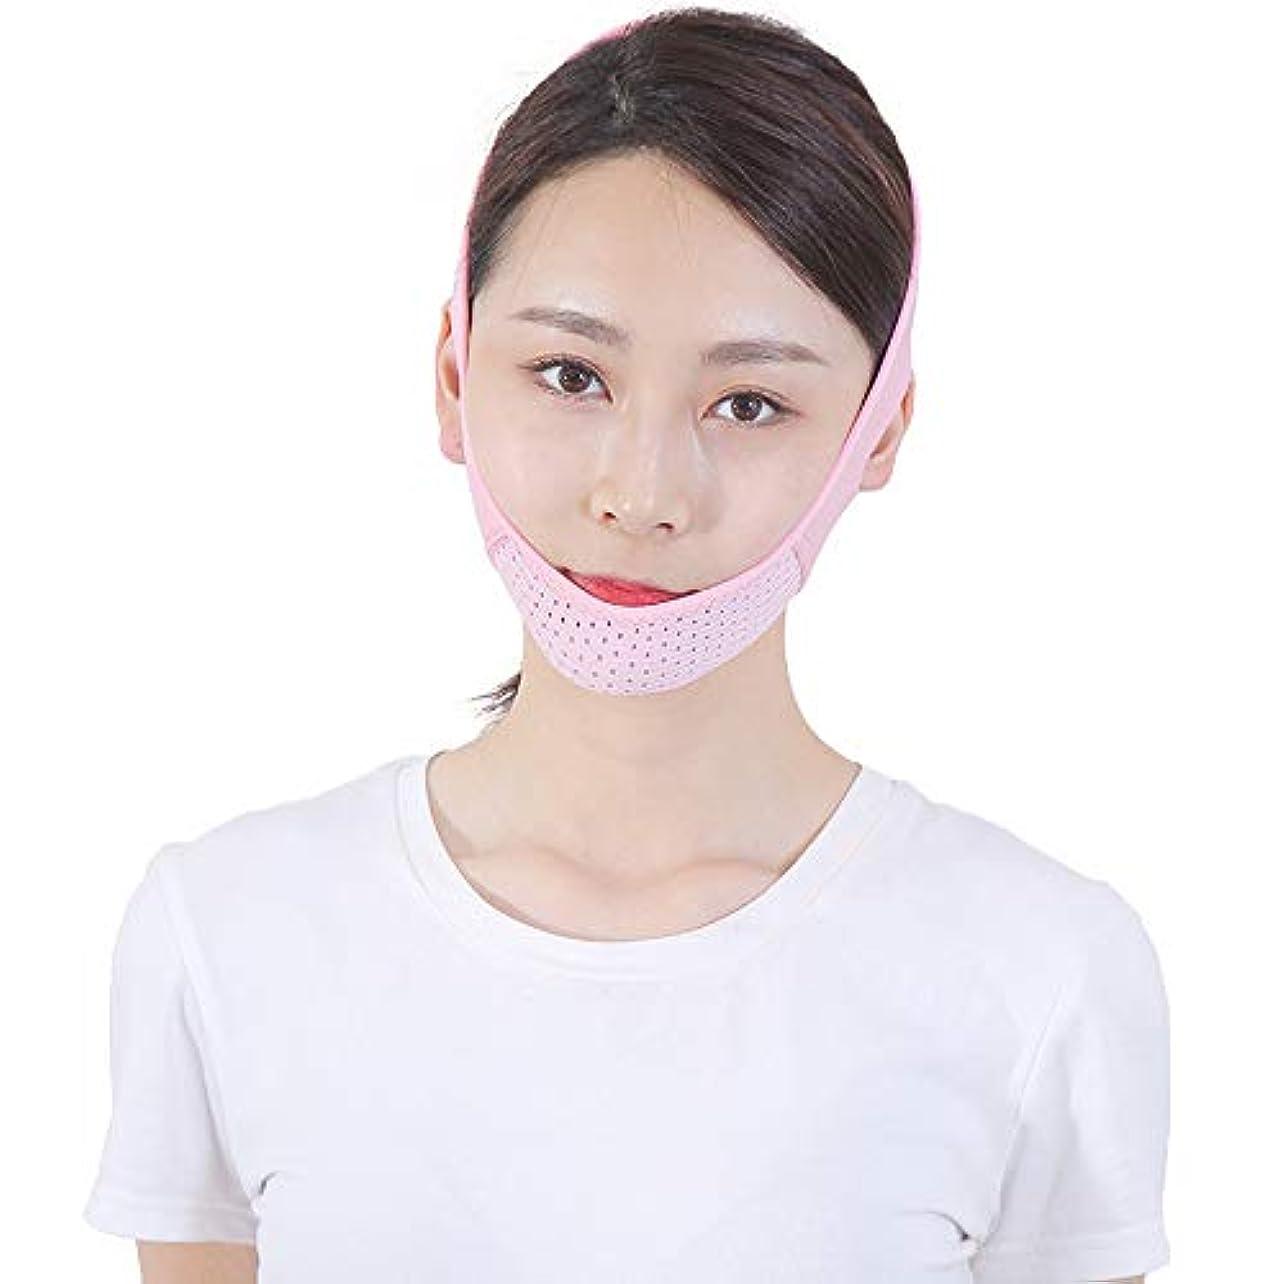 ふける甘やかす列挙するJia He 軽量 薄い顔のベルト - 薄い顔のベルト 顔の包帯ダブルチンの顔リフトの人工物Vのフェイスベルト薄い顔のマスク ##